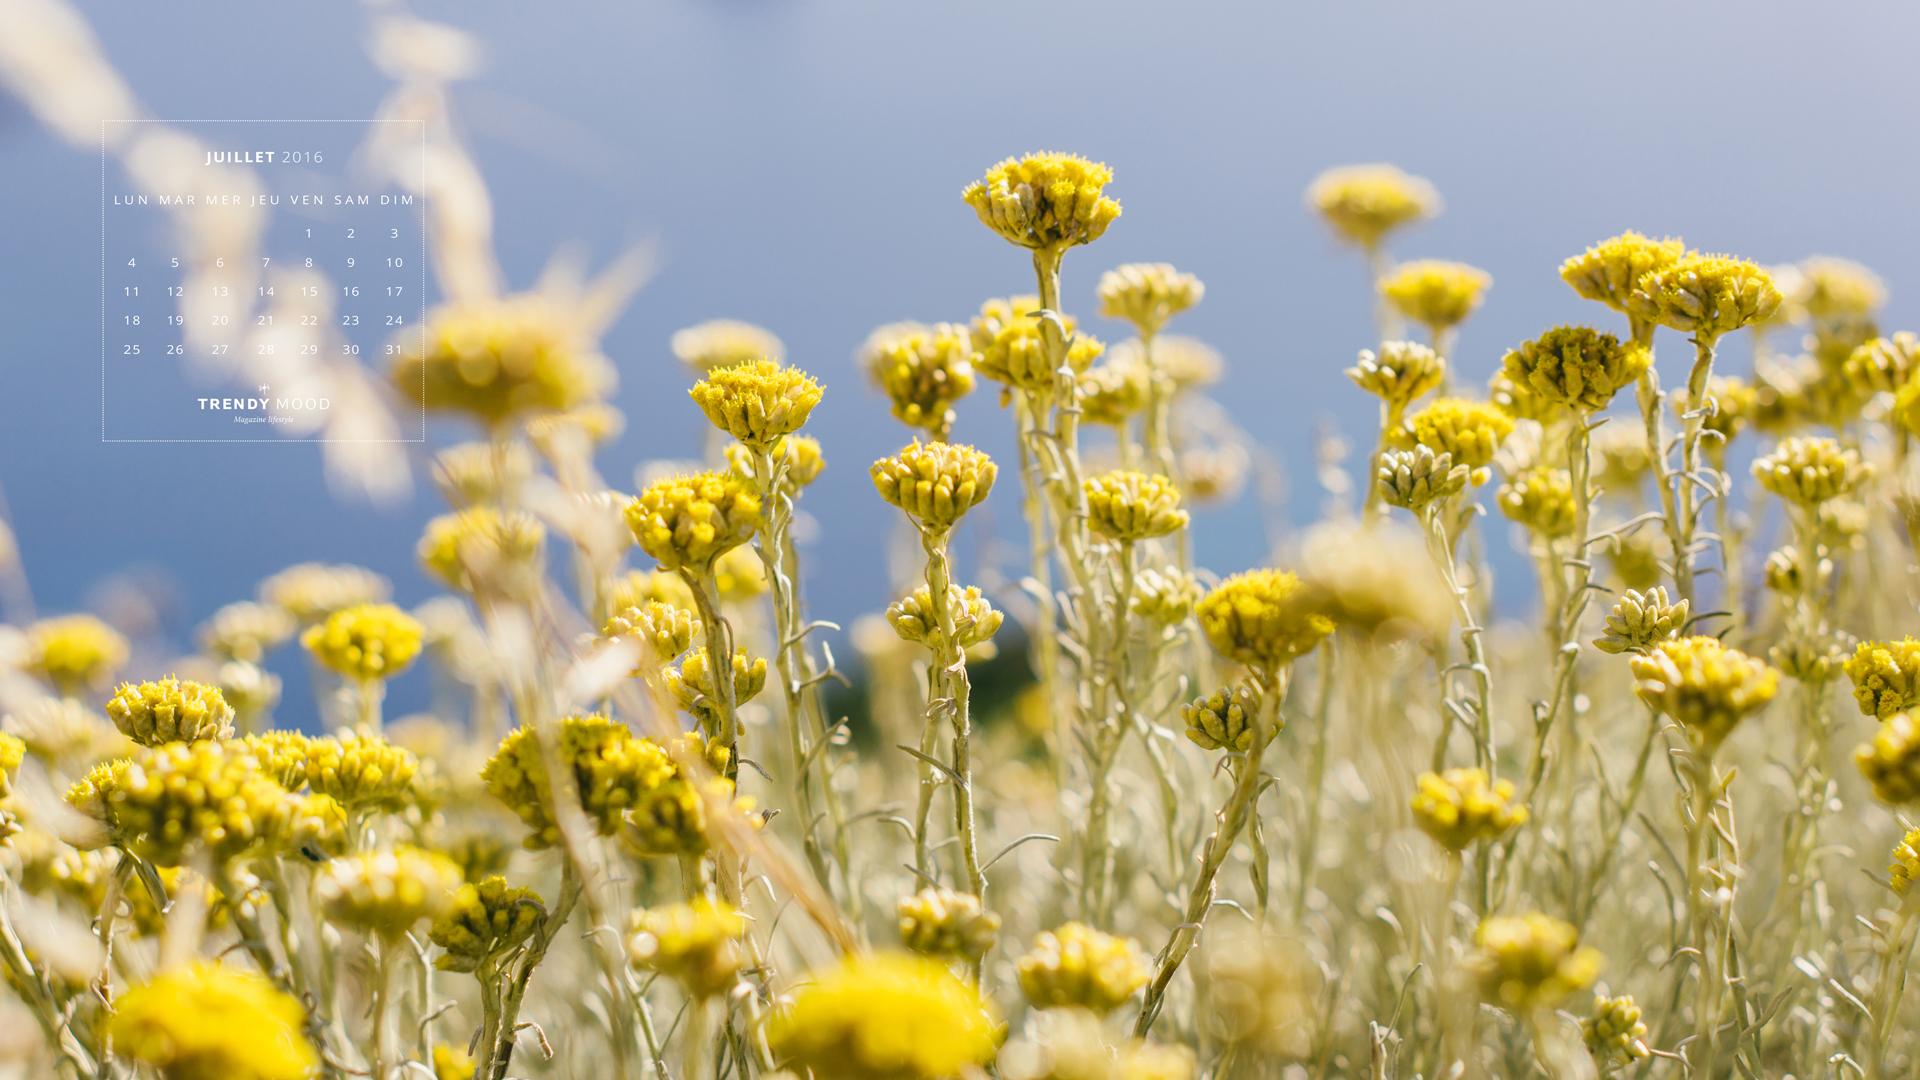 Fond d'écran - Fleurs d'immortelles